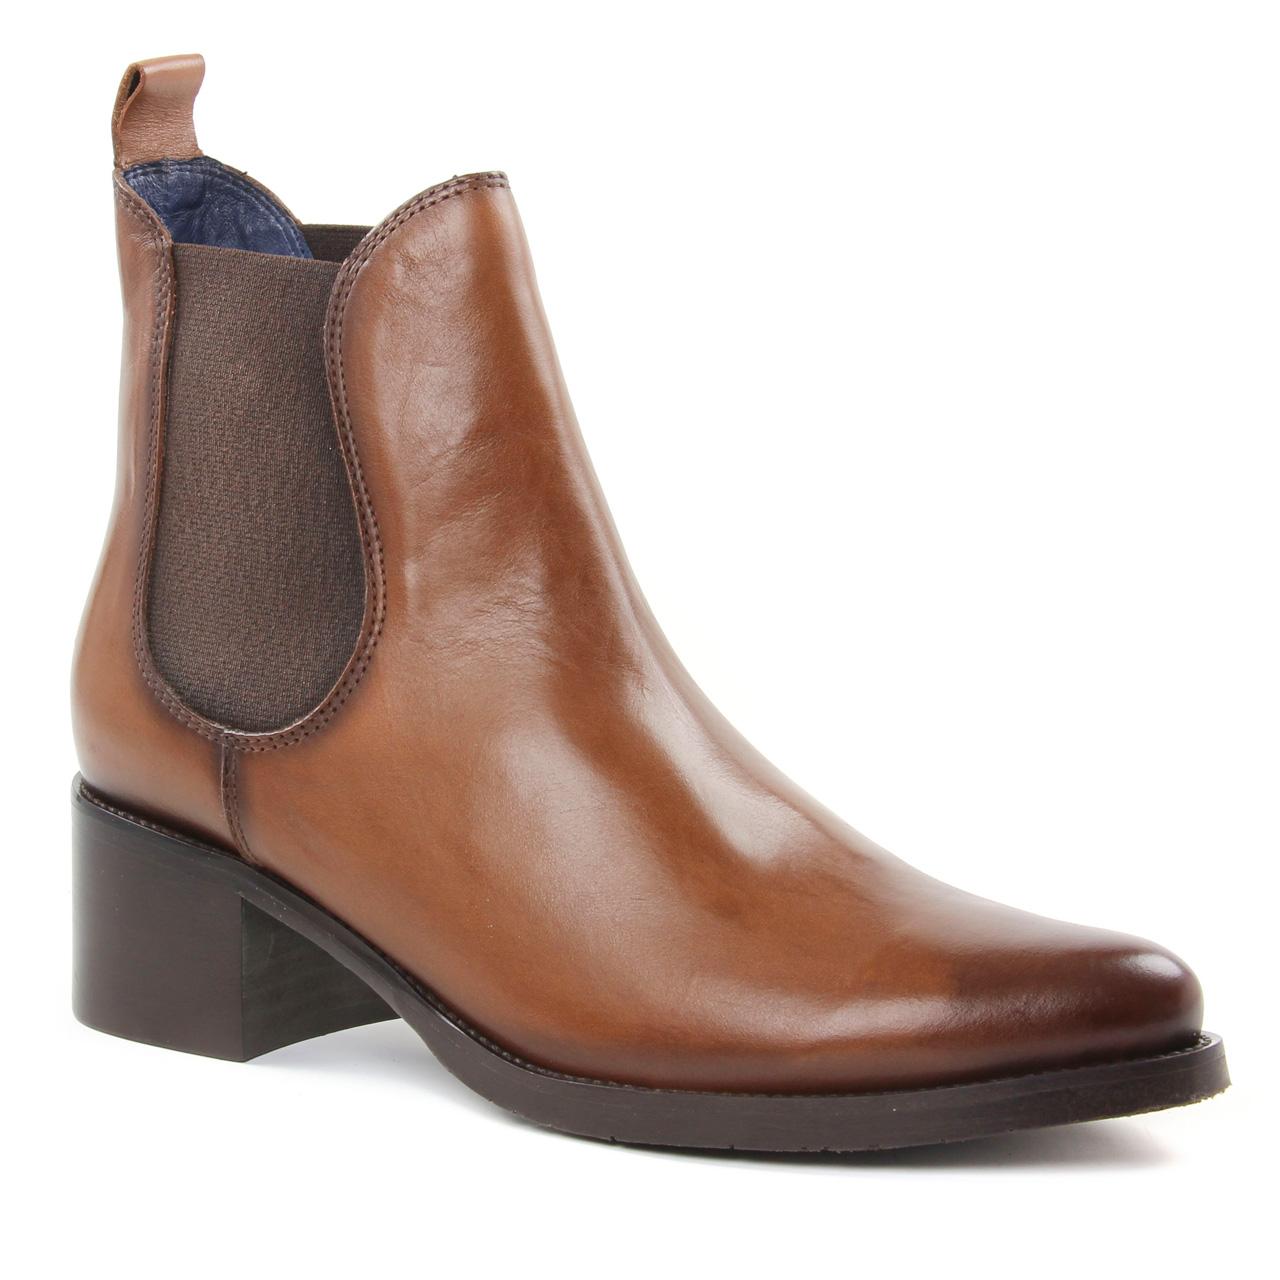 Pintodiblu 79260 Camel | boot élastiquées marron automne